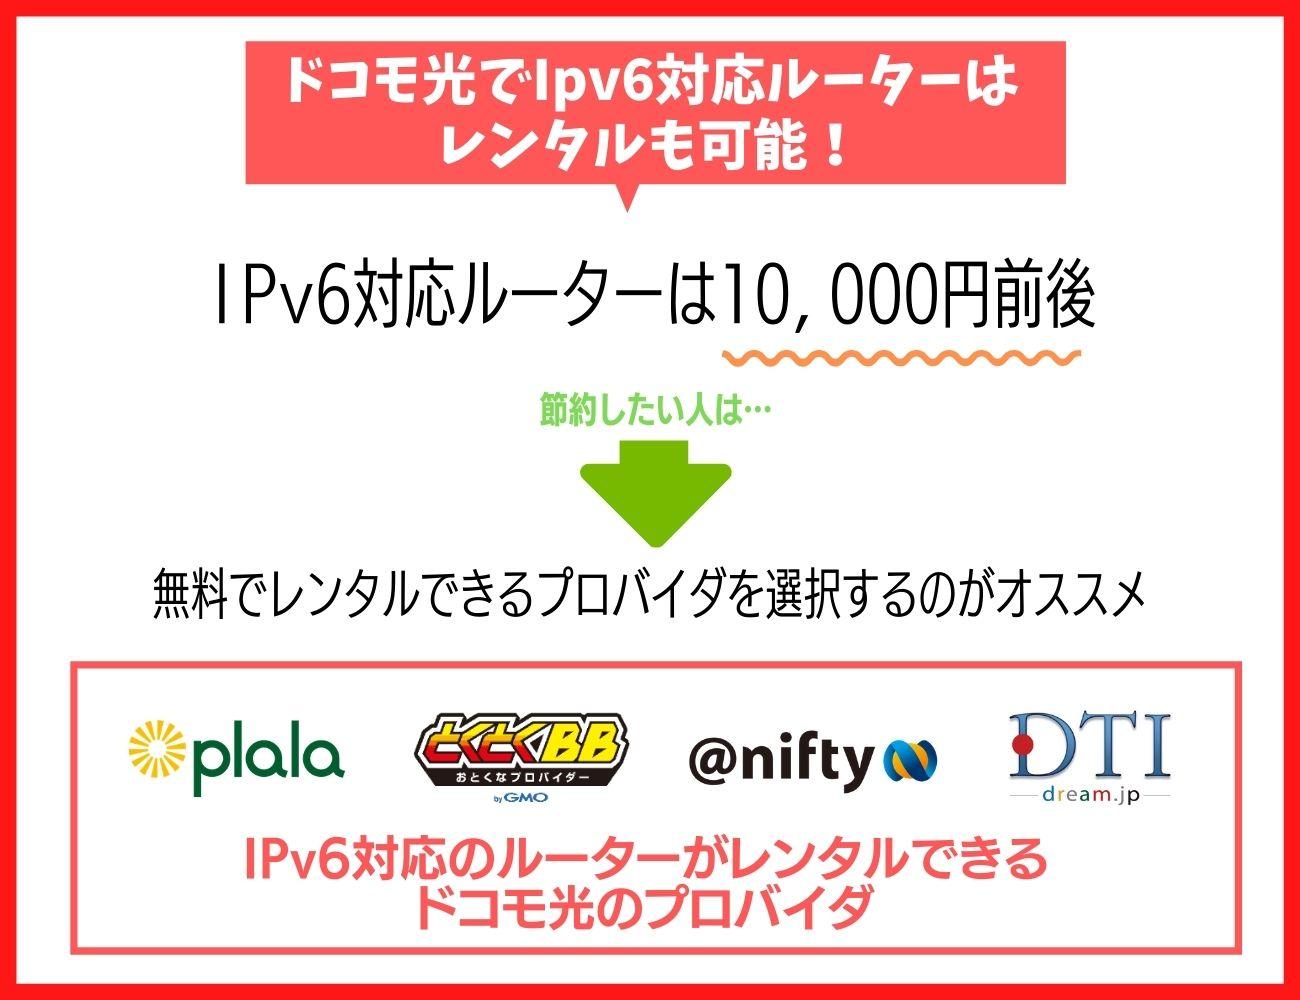 ドコモ光のIPv6につながるルーターはプロバイダによってはレンタルも可能!